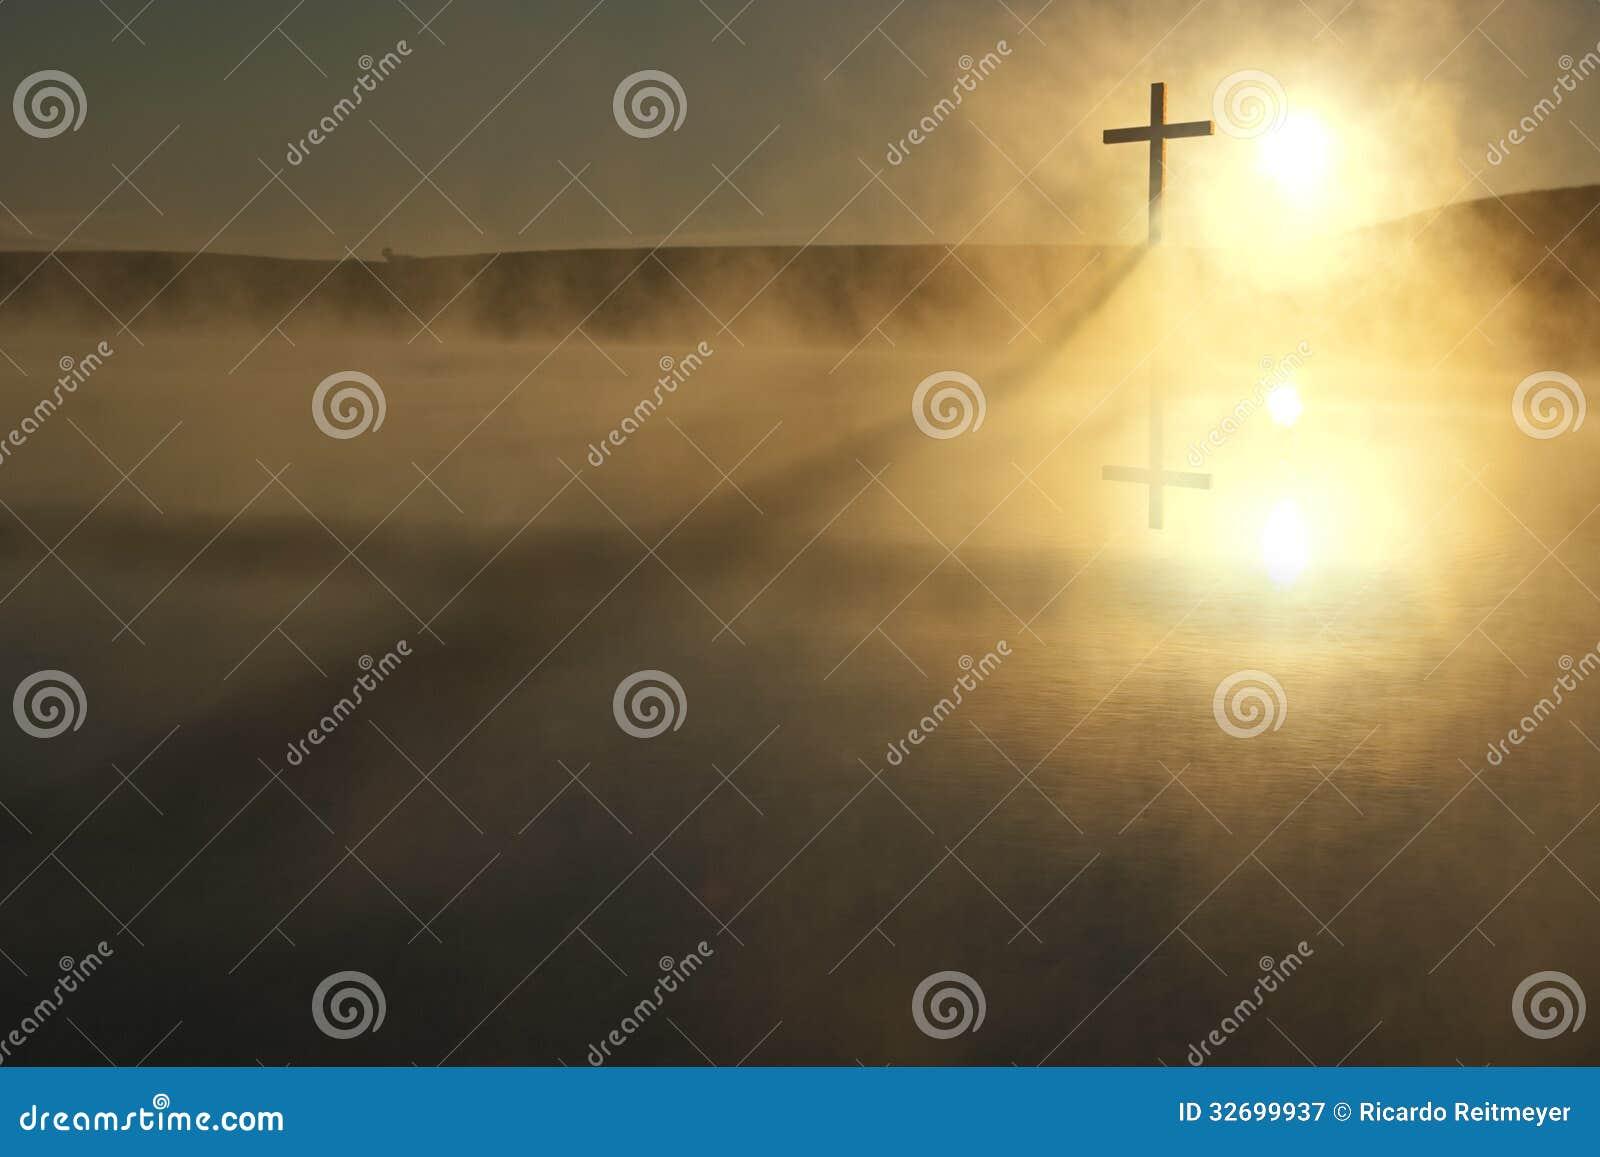 Single Cross Long Shadow Sunrise on Foggy Lake Eas